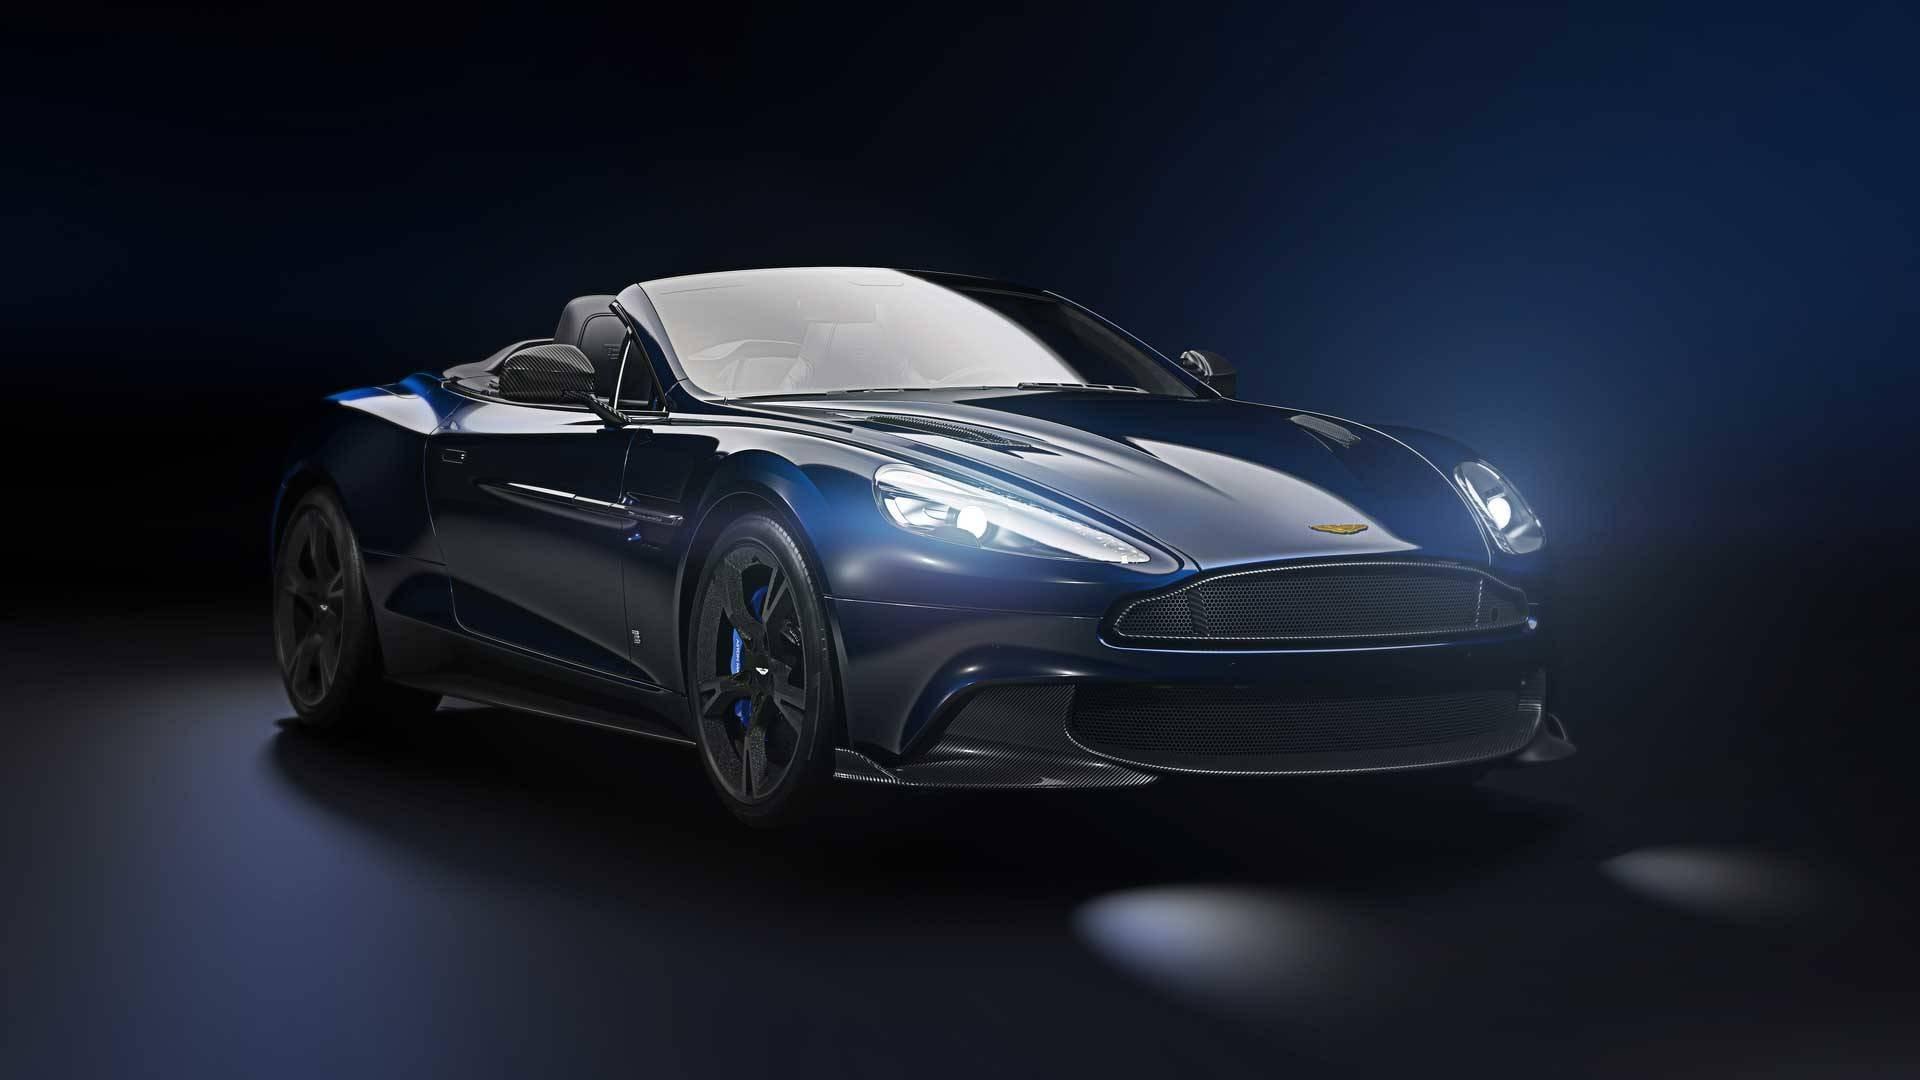 Aston Martin выпустит универсал Vanquish Zagato ограниченной серией